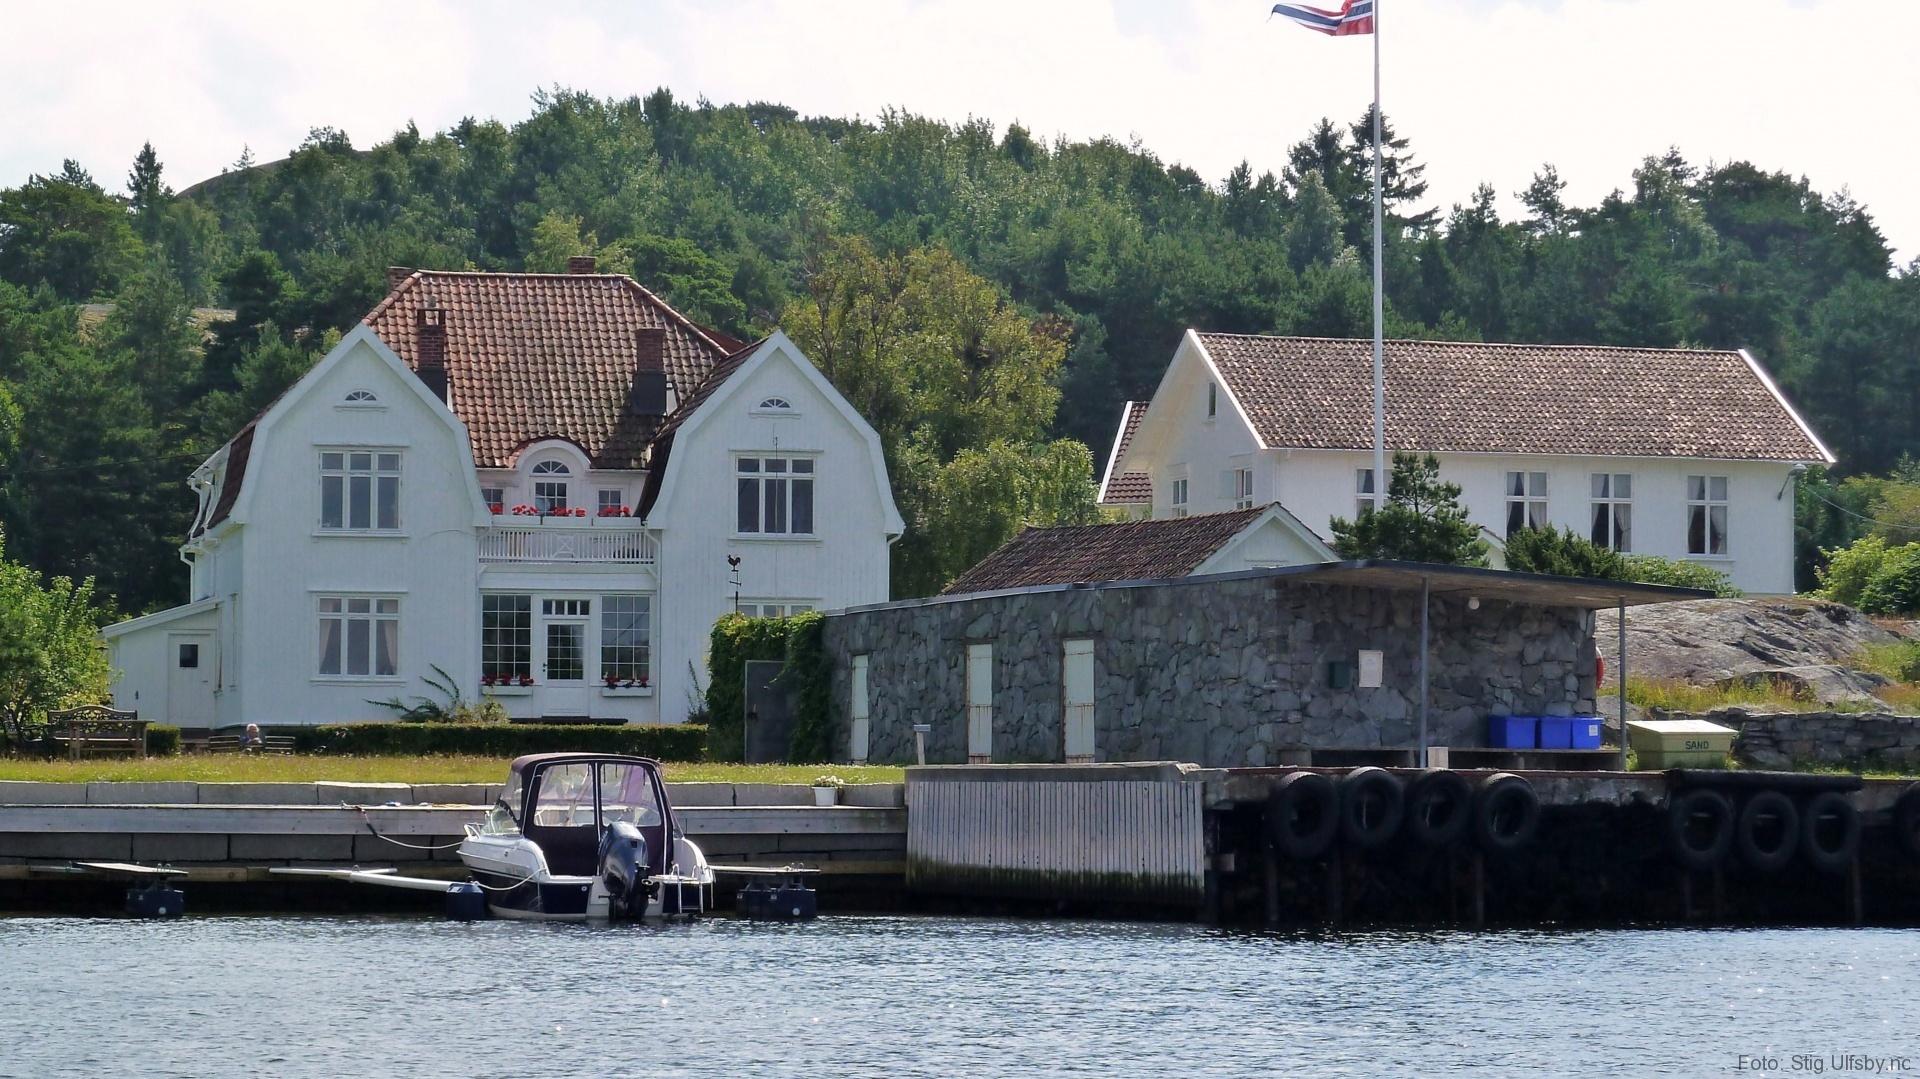 Den gamle butikken og postkontoret Buvika i Gravningsund, Søndre Sandøy, Hvaler juli 2010